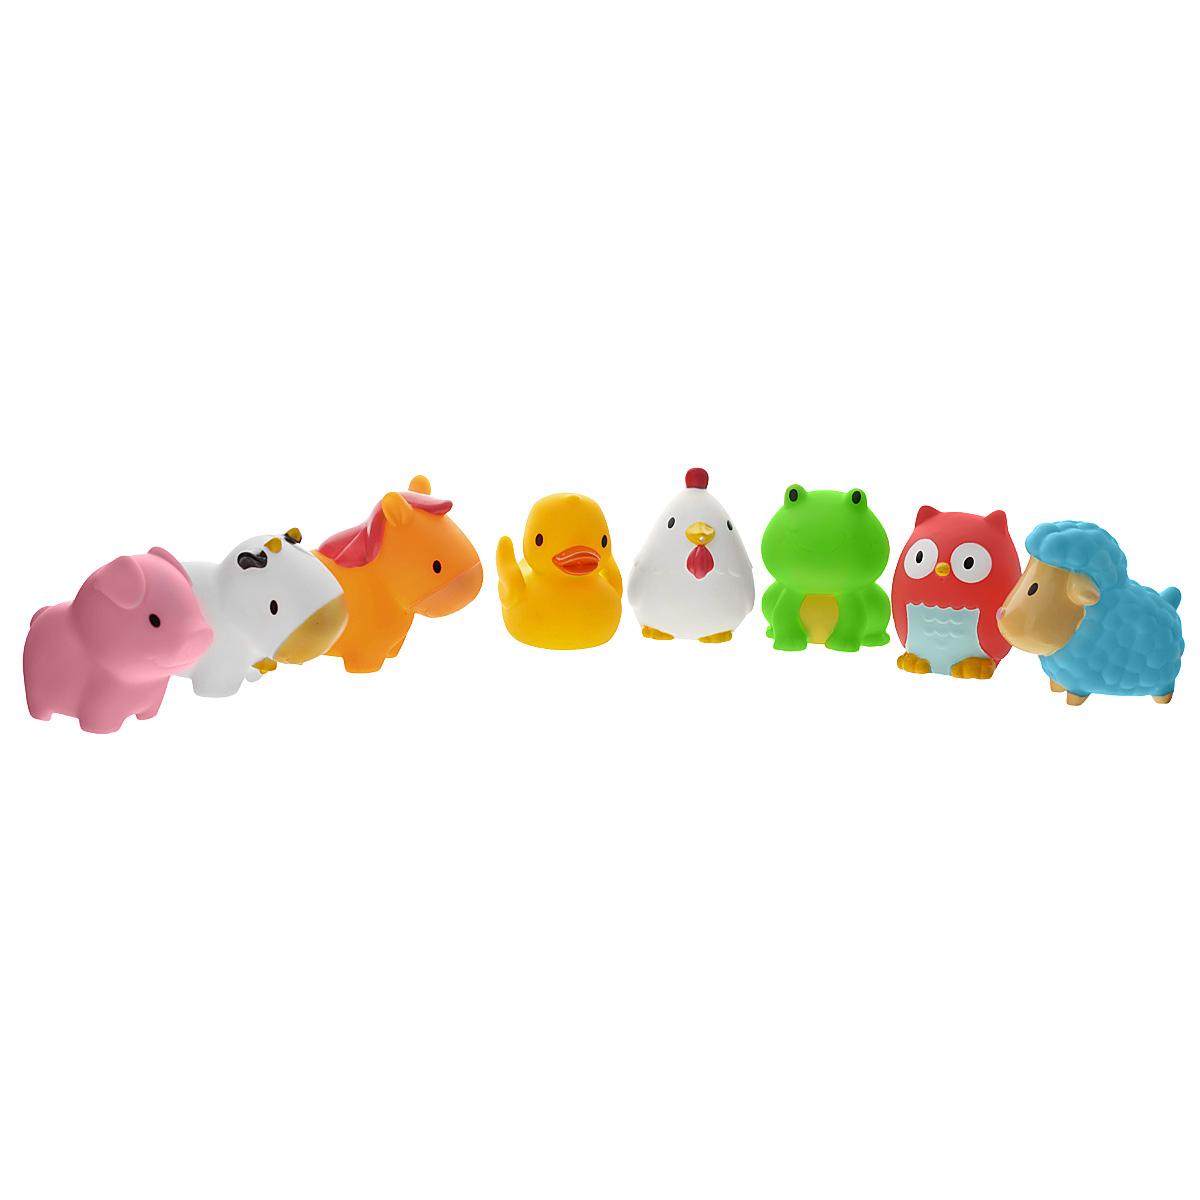 Набор игрушек для ванны Munchkin Squirtin' Farmyard Friends, 8 шт munchkin набор игрушек для ванны морские животные 8 шт